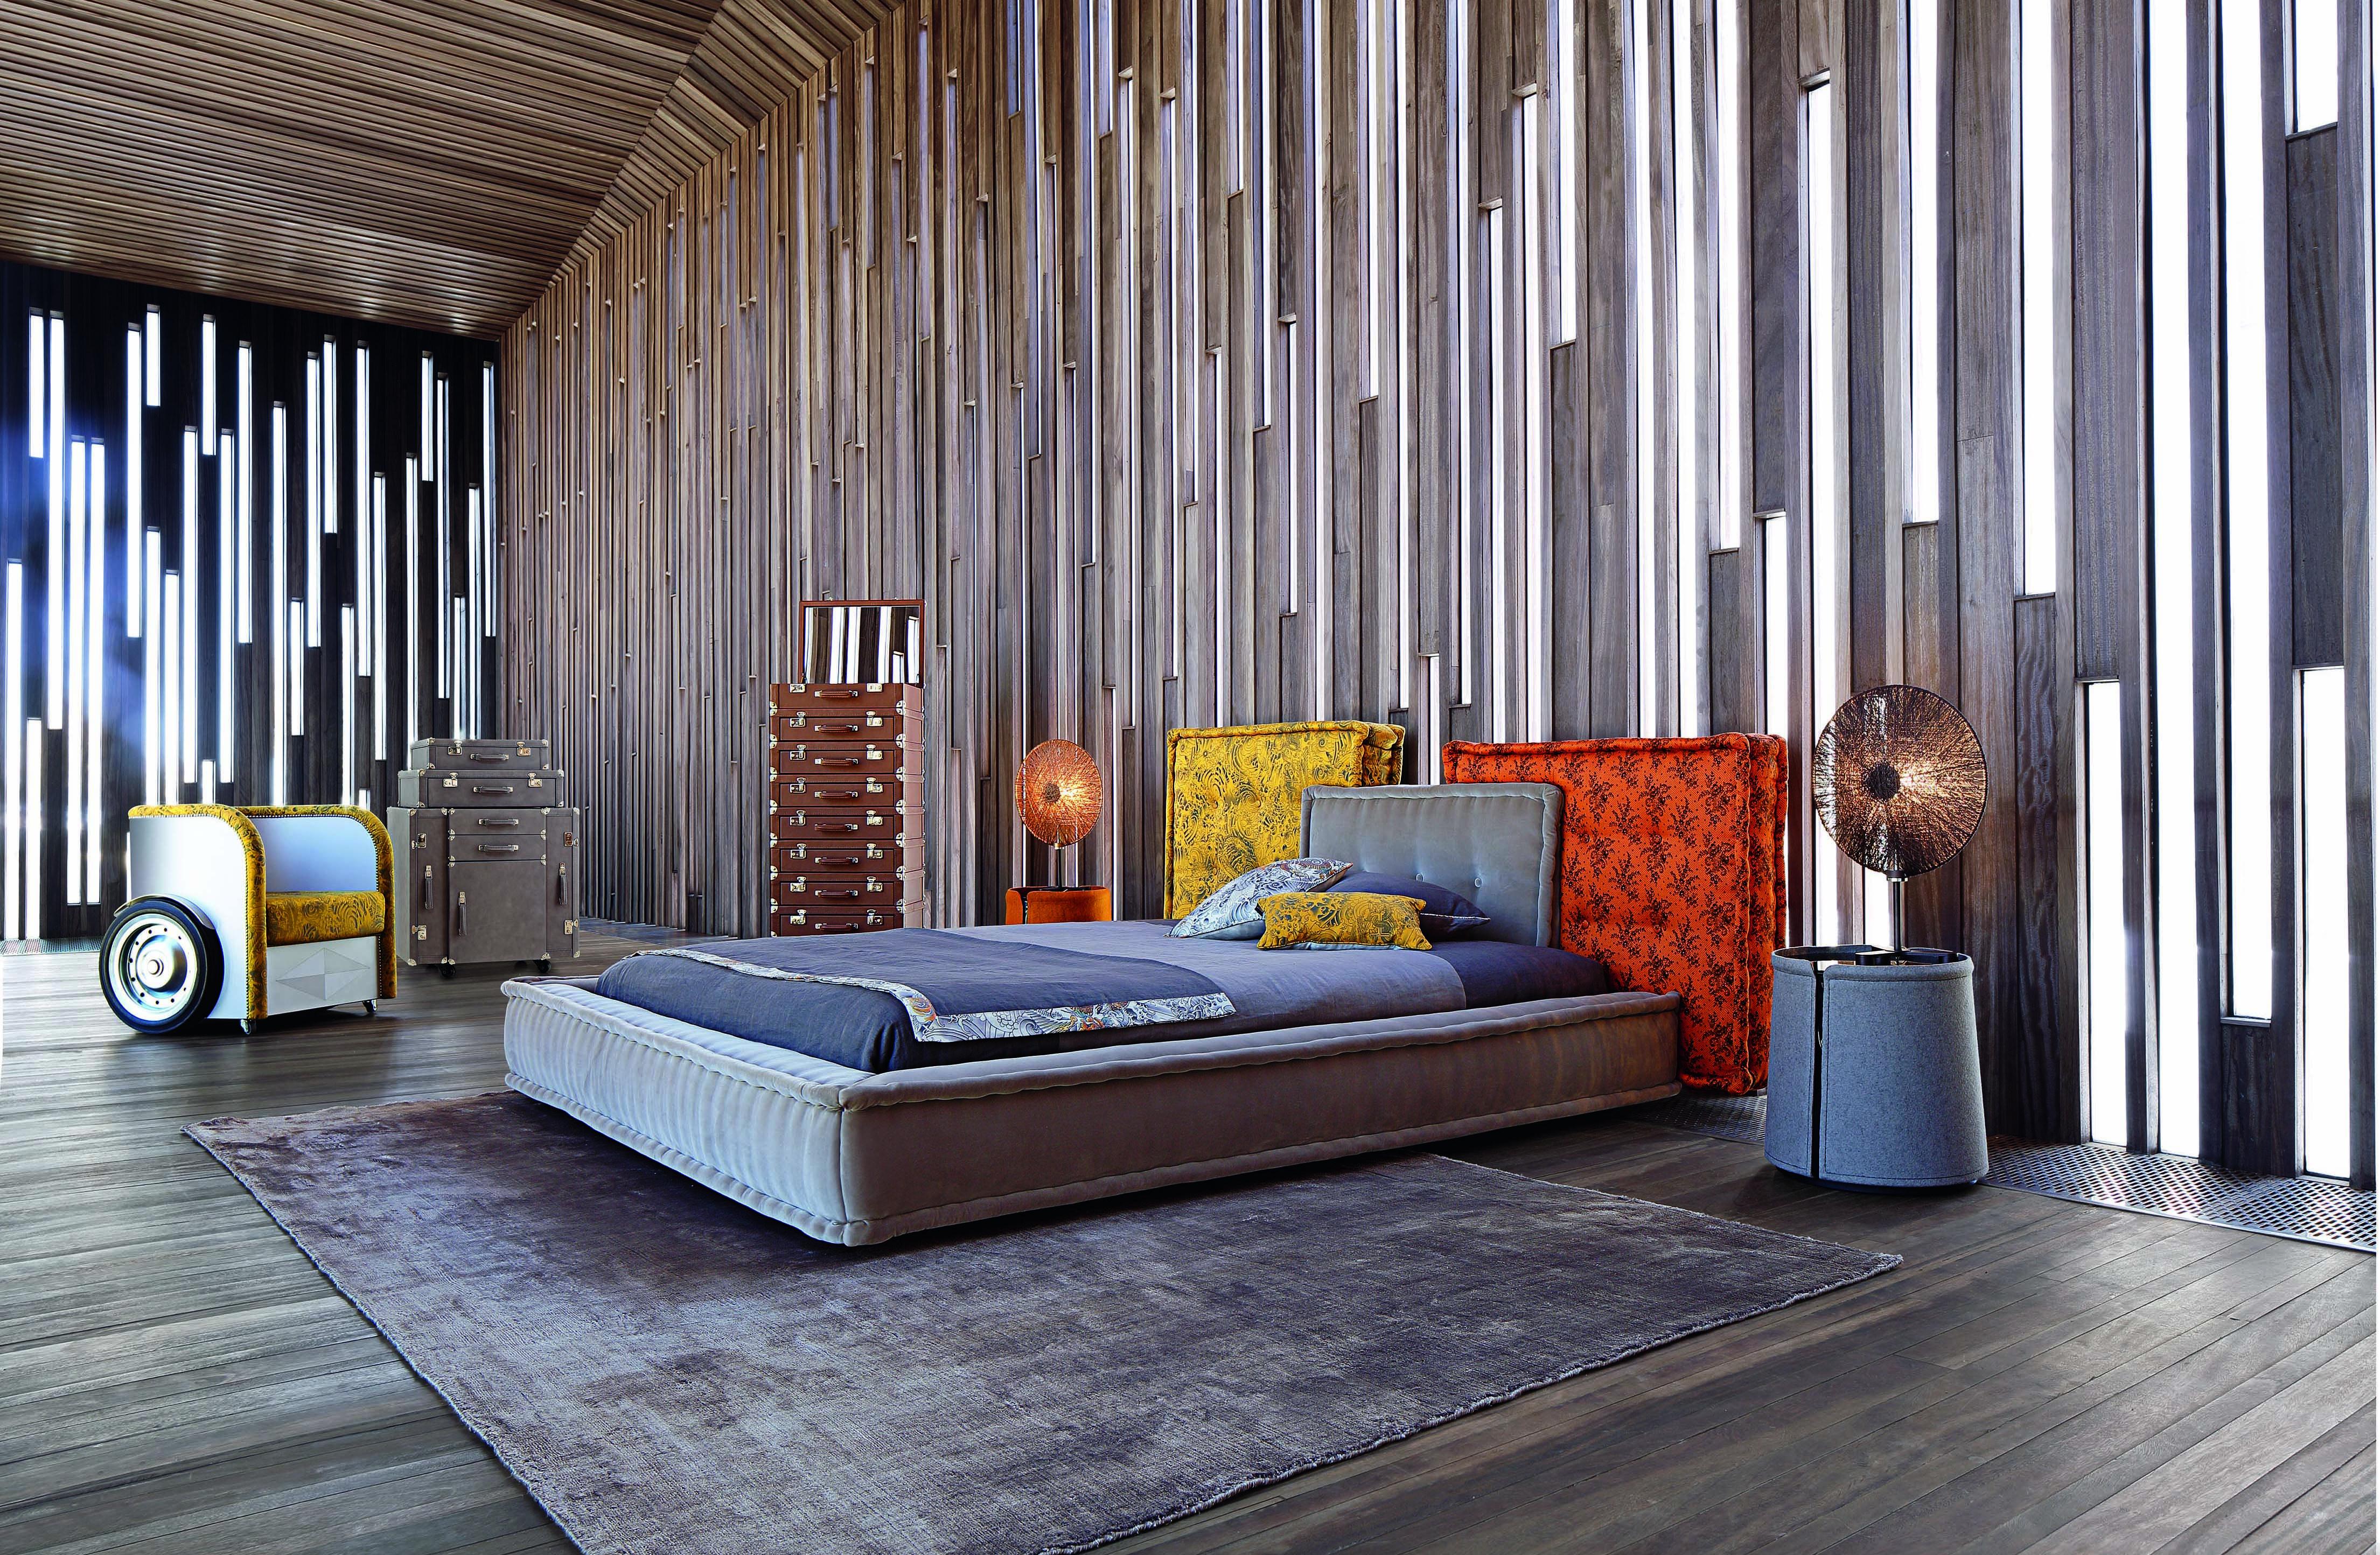 Roche Bobois - MAH JONG Bed upholstered in Jean Paul Gaultier ...